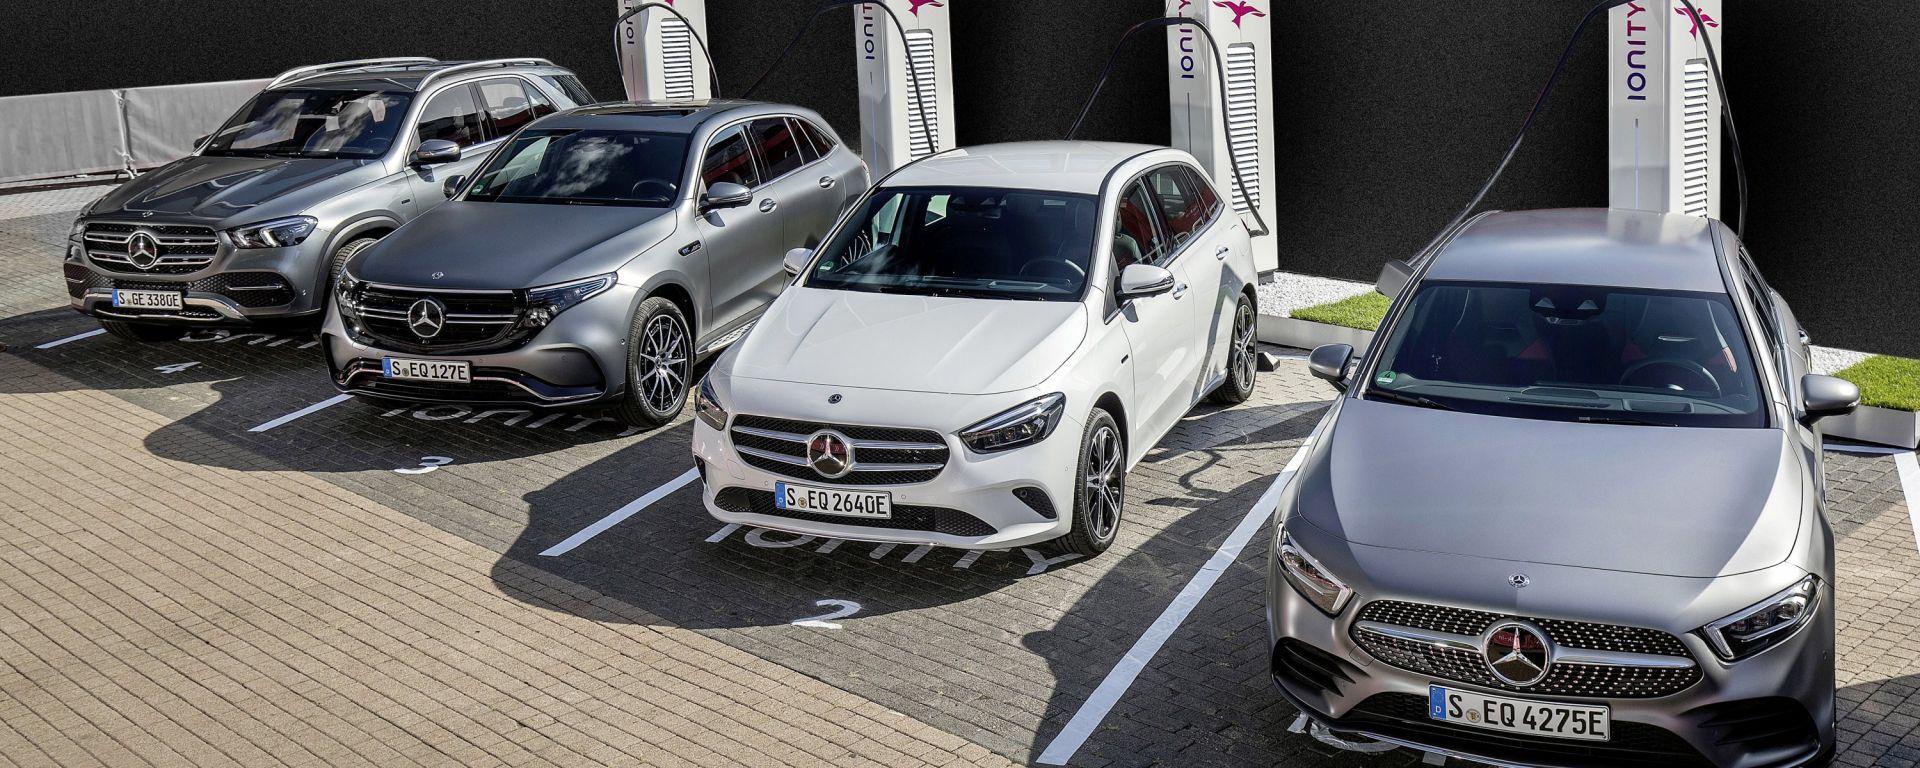 Mercedes-Benz, conferenza stampa 2020: le auto elettriche